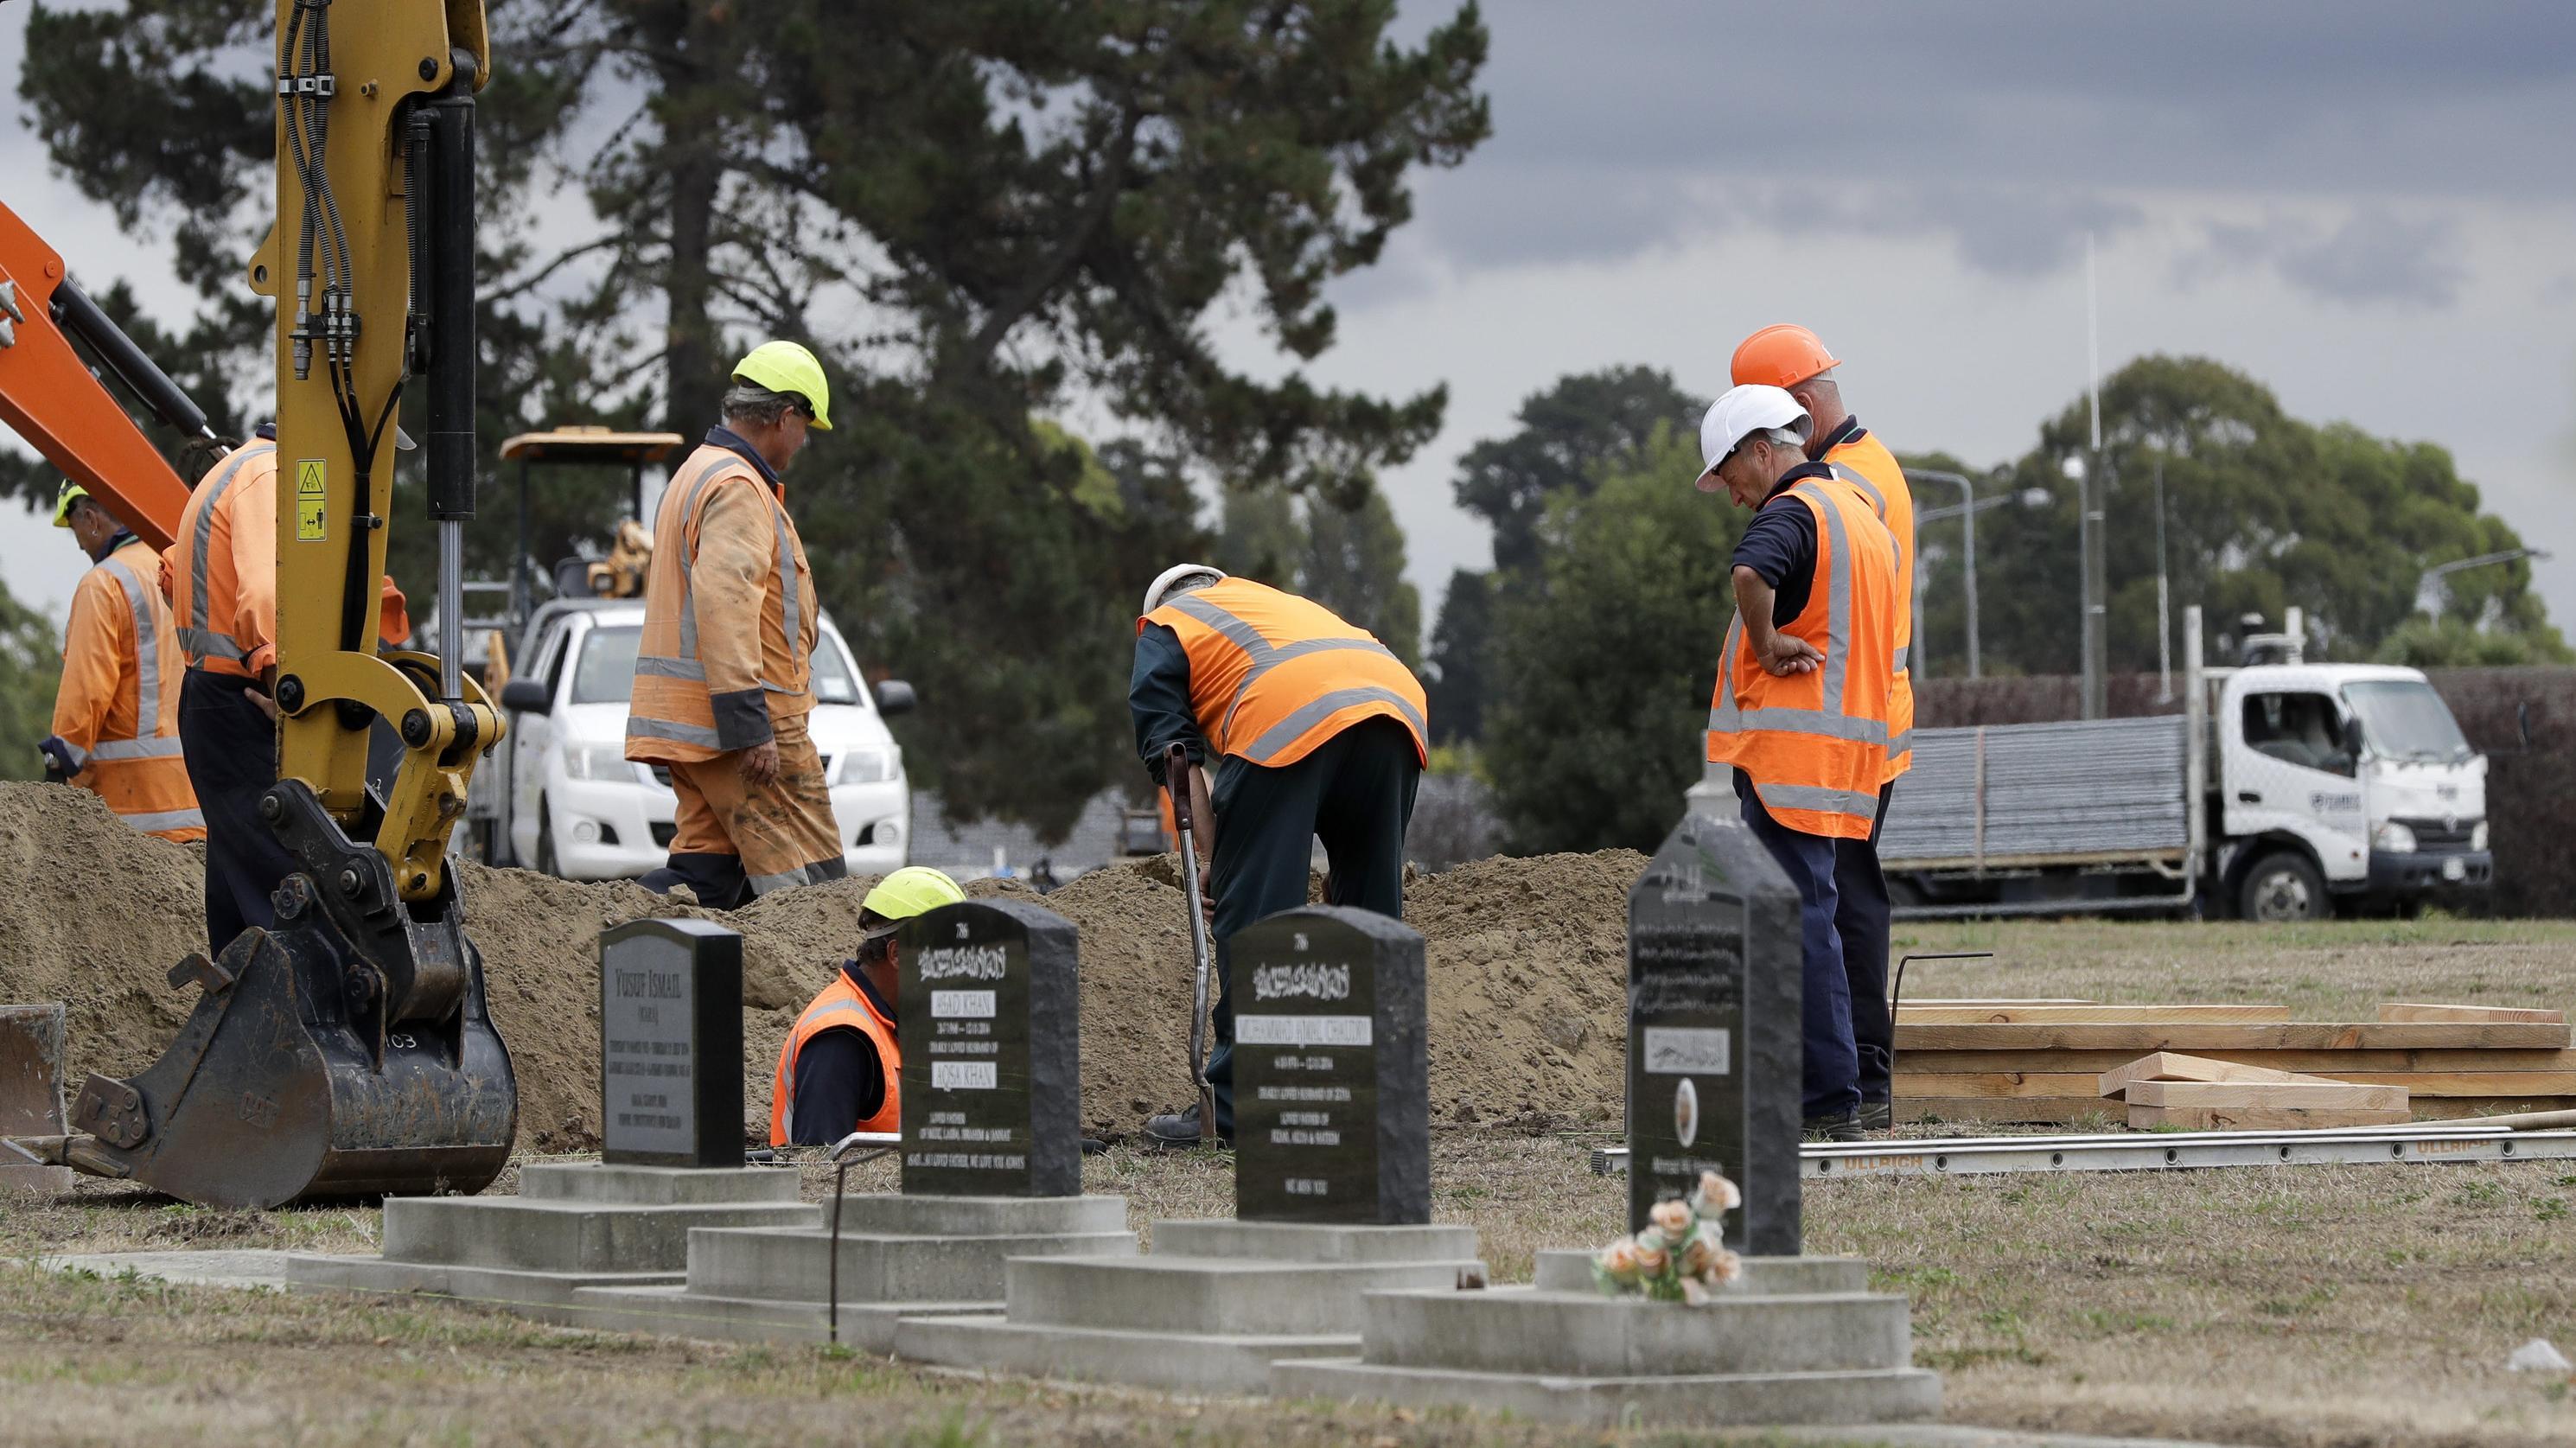 Auf einem nahegelegenen muslimischen Friedhof graben Arbeiter derweilen Gräber für die Opfer des Anschlags aus.